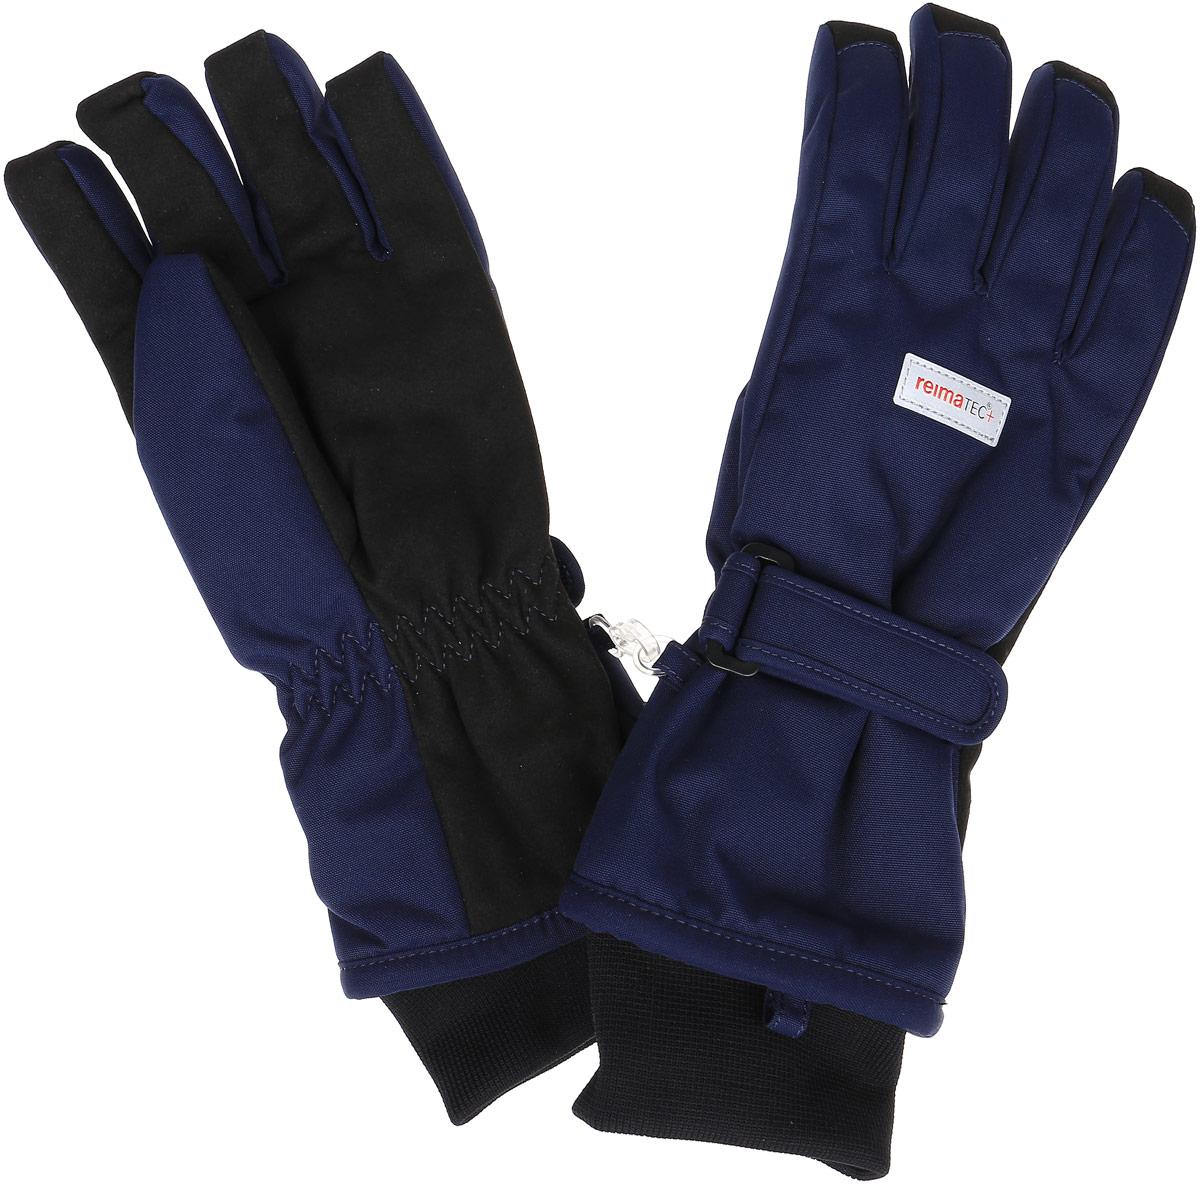 Перчатки детские Reima Reimatec+ Tartu, цвет: синий. 527251-6980. Размер 8527251-6980Детские перчатки Reima Reimatec+ Tartu станут идеальным вариантом для холодной зимней погоды. На подкладке используется высококачественный полиэстер, который хорошо удерживает тепло.Для большего удобства на запястьях перчатки дополнены хлястиками на липучках с внешней стороны, а на ладошках, кончиках пальцев и с внутренней стороны большого пальца - усиленными водонепроницаемивставками Hipora. Теплая флисовая подкладка дарит коже ощущение комфорта и уюта. С внешней стороны перчатки оформлены светоотражающими нашивками с логотипом бренда. Высокая степень утепления. Перчатки станут идеальным вариантом для прохладной погоды, в них ребенку будет тепло и комфортно. Водонепроницаемость: Waterpillar over 10 000 mm